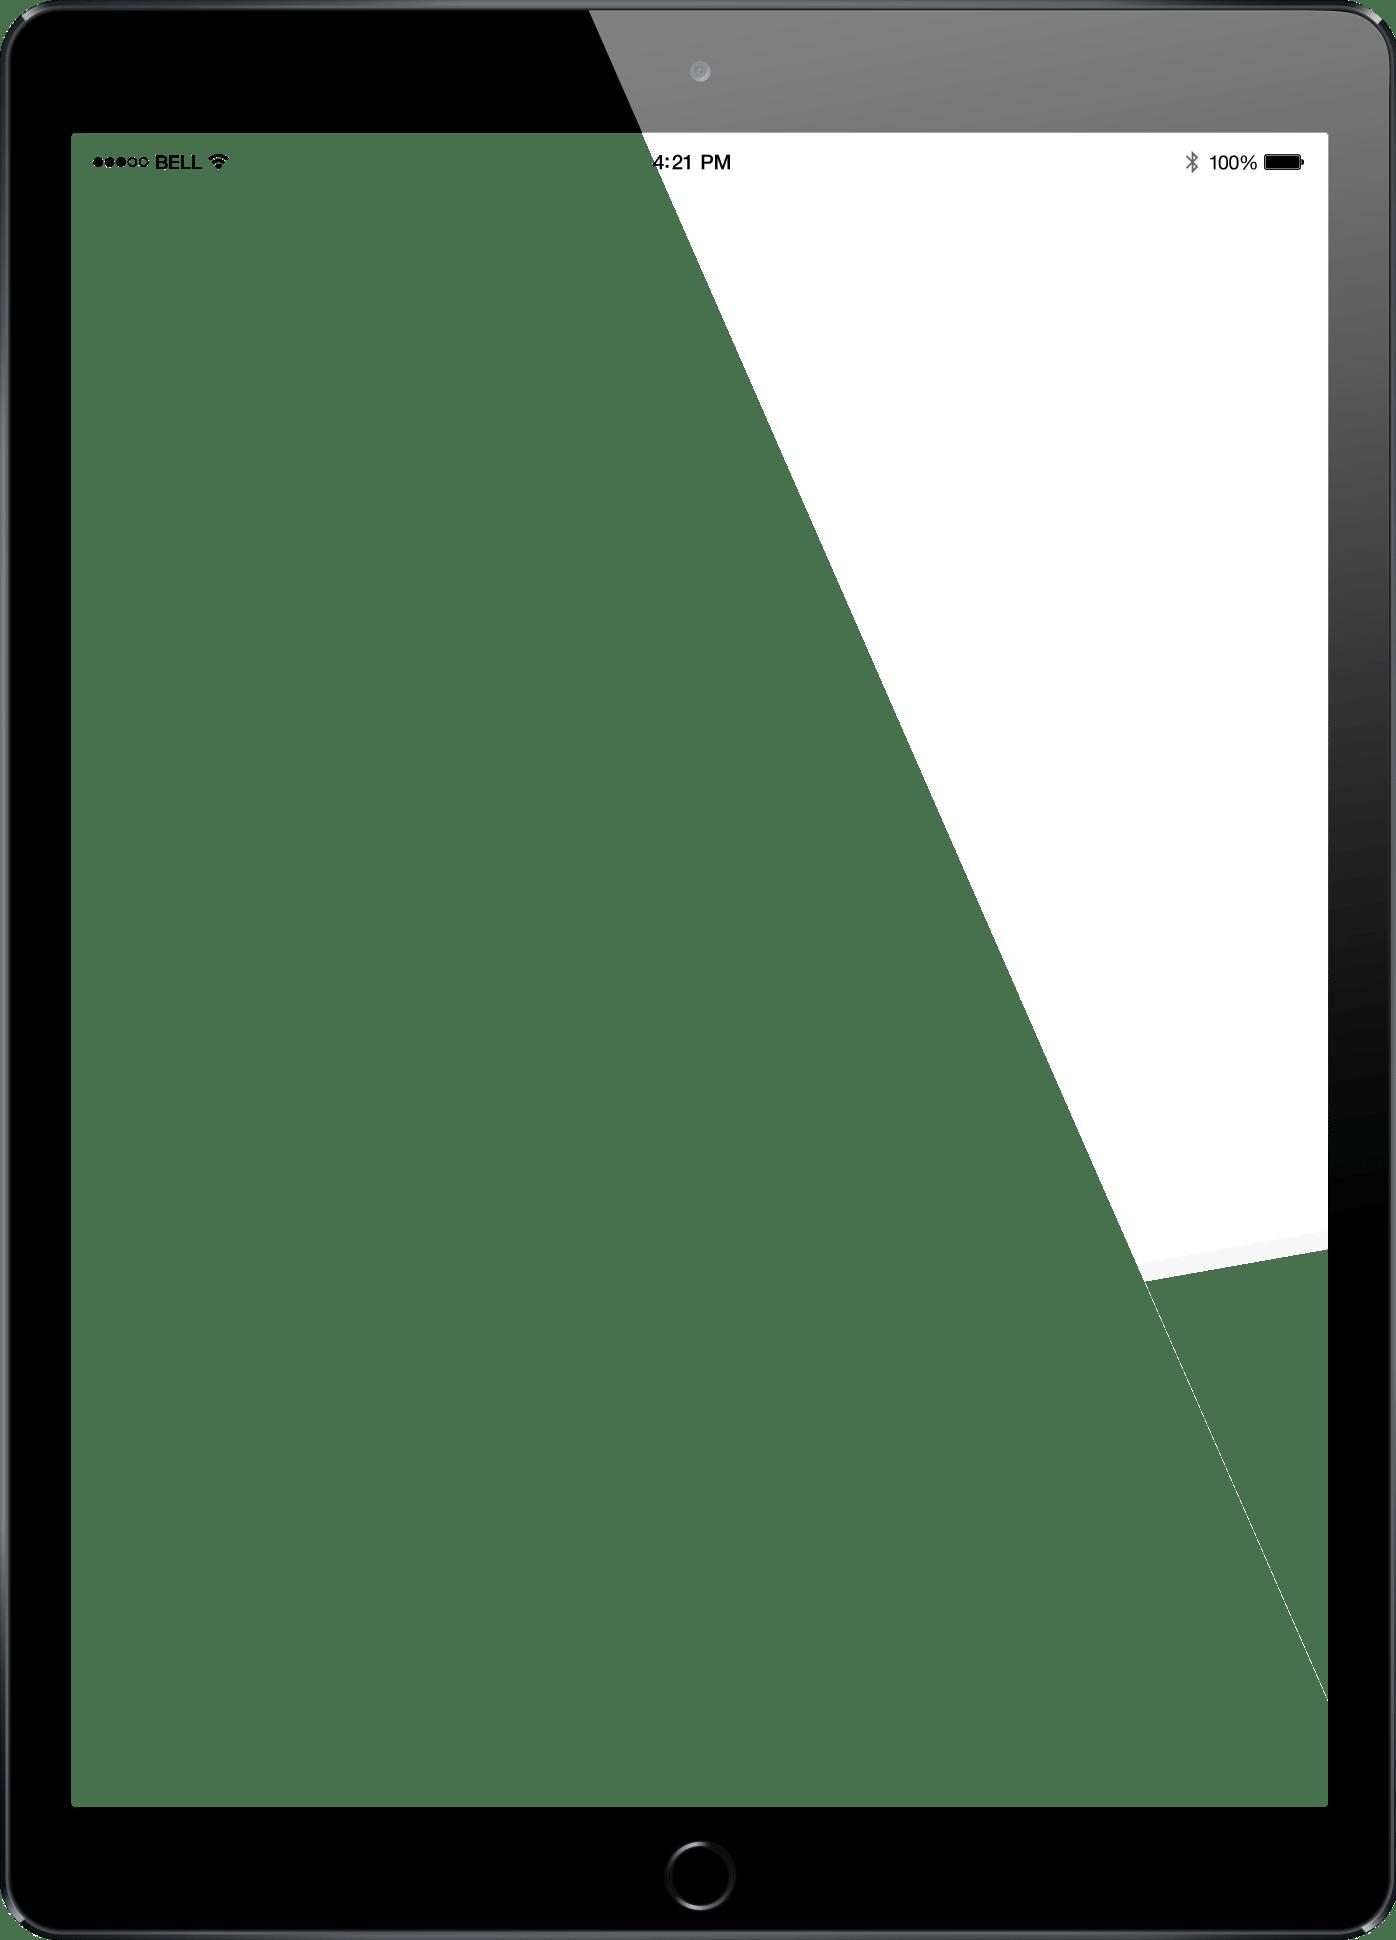 タブレットの画像